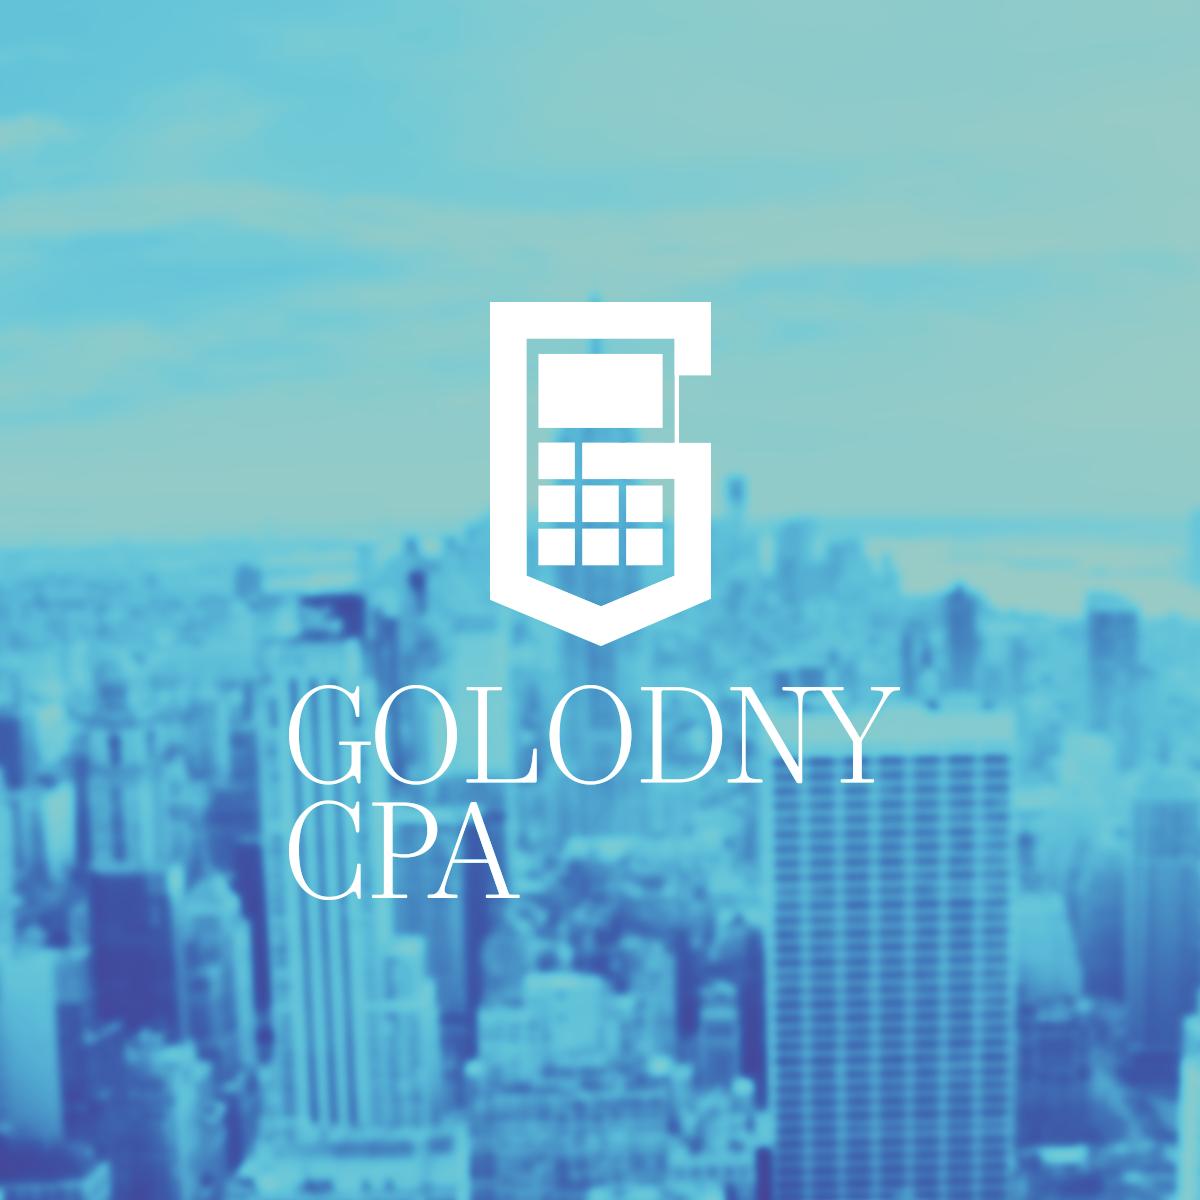 Golodny CPA - Branding / Print